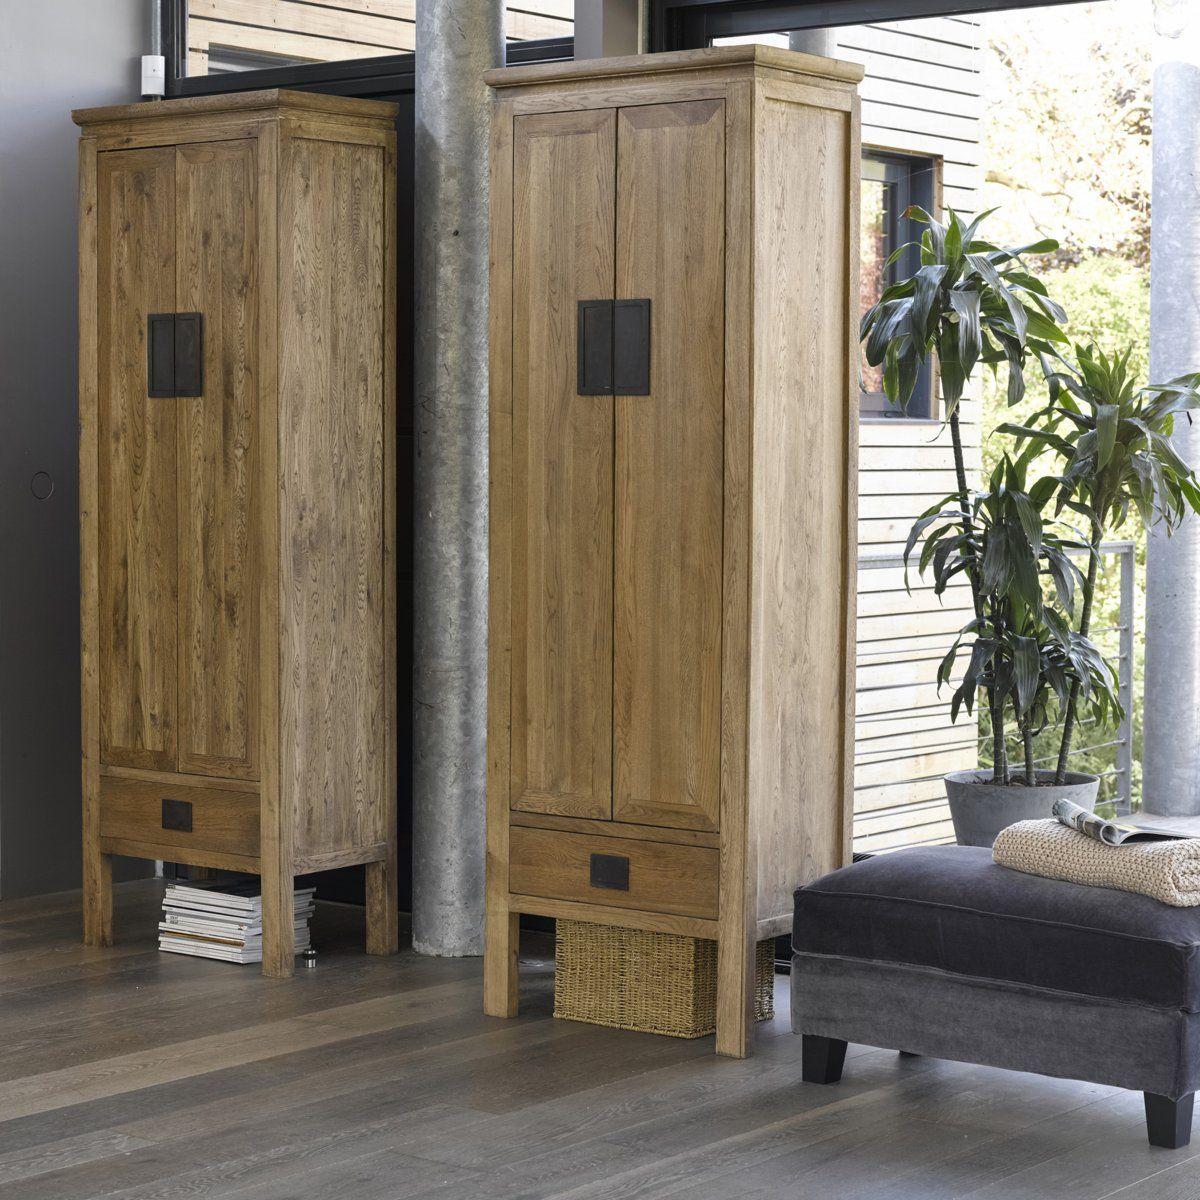 armoire chinoise ch ne ling am pm prix avis notation livraison on aime la ligne haute et. Black Bedroom Furniture Sets. Home Design Ideas